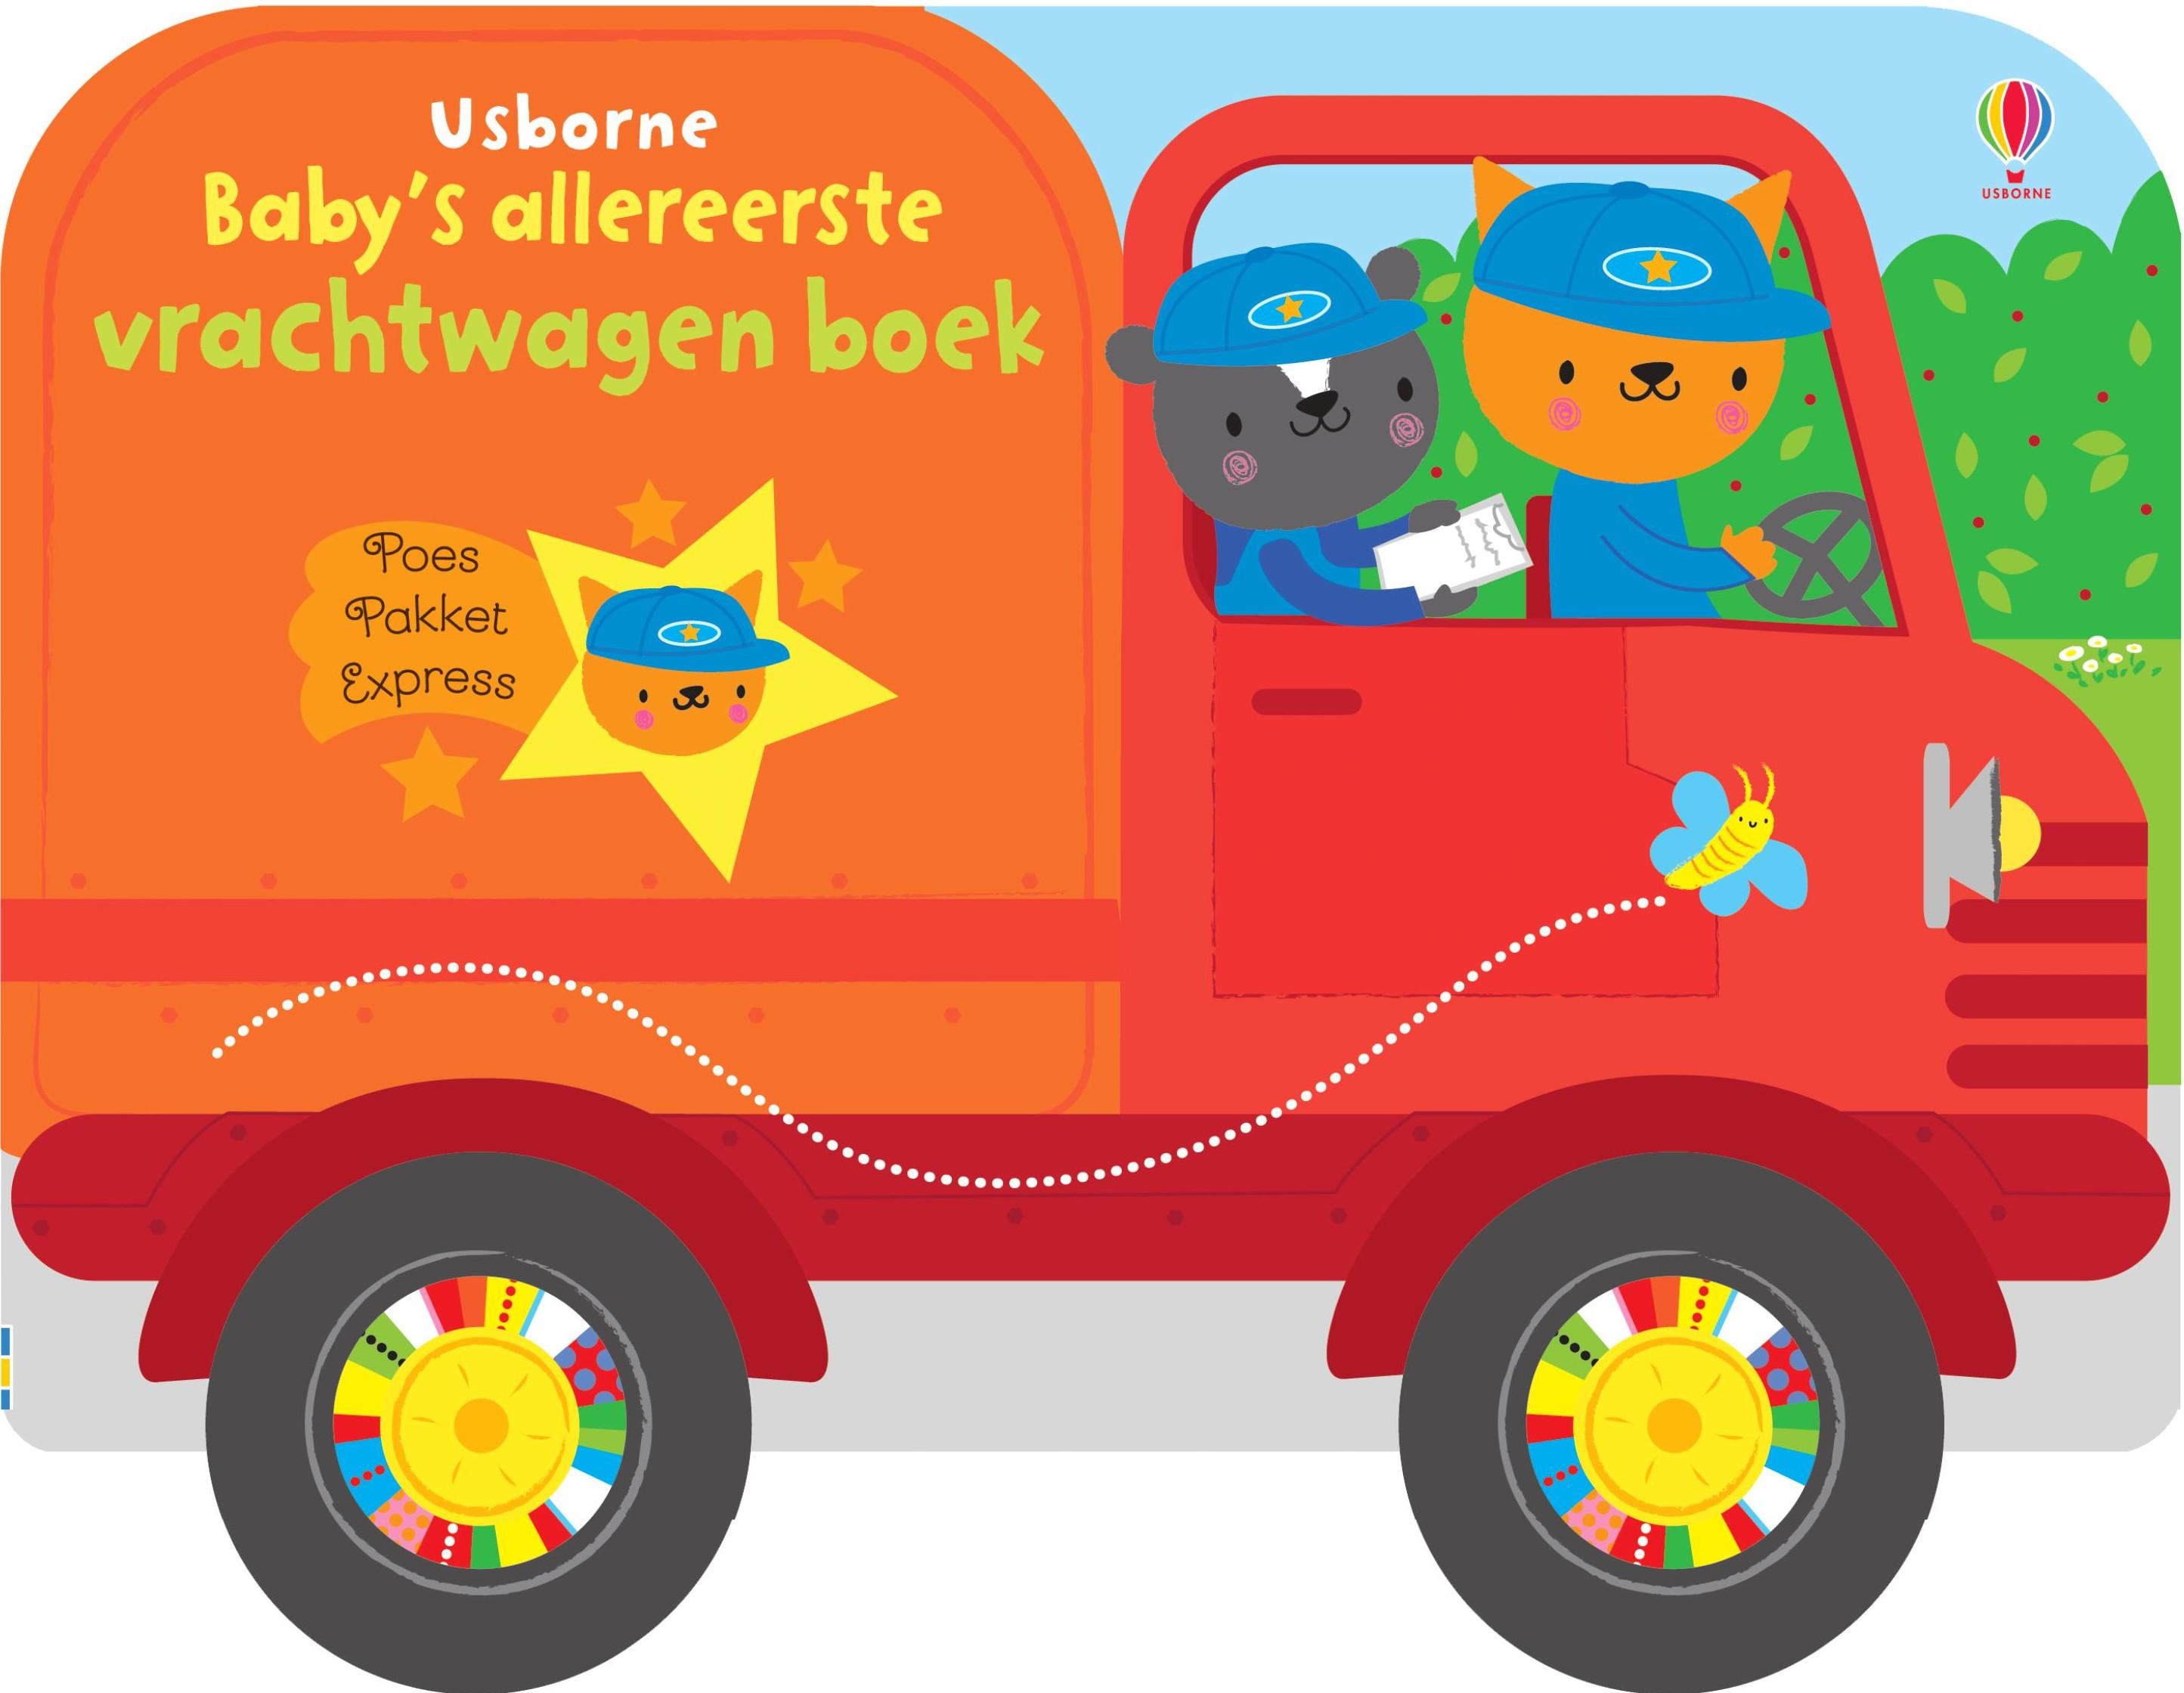 Baby's allereerste vrachtwagenboek